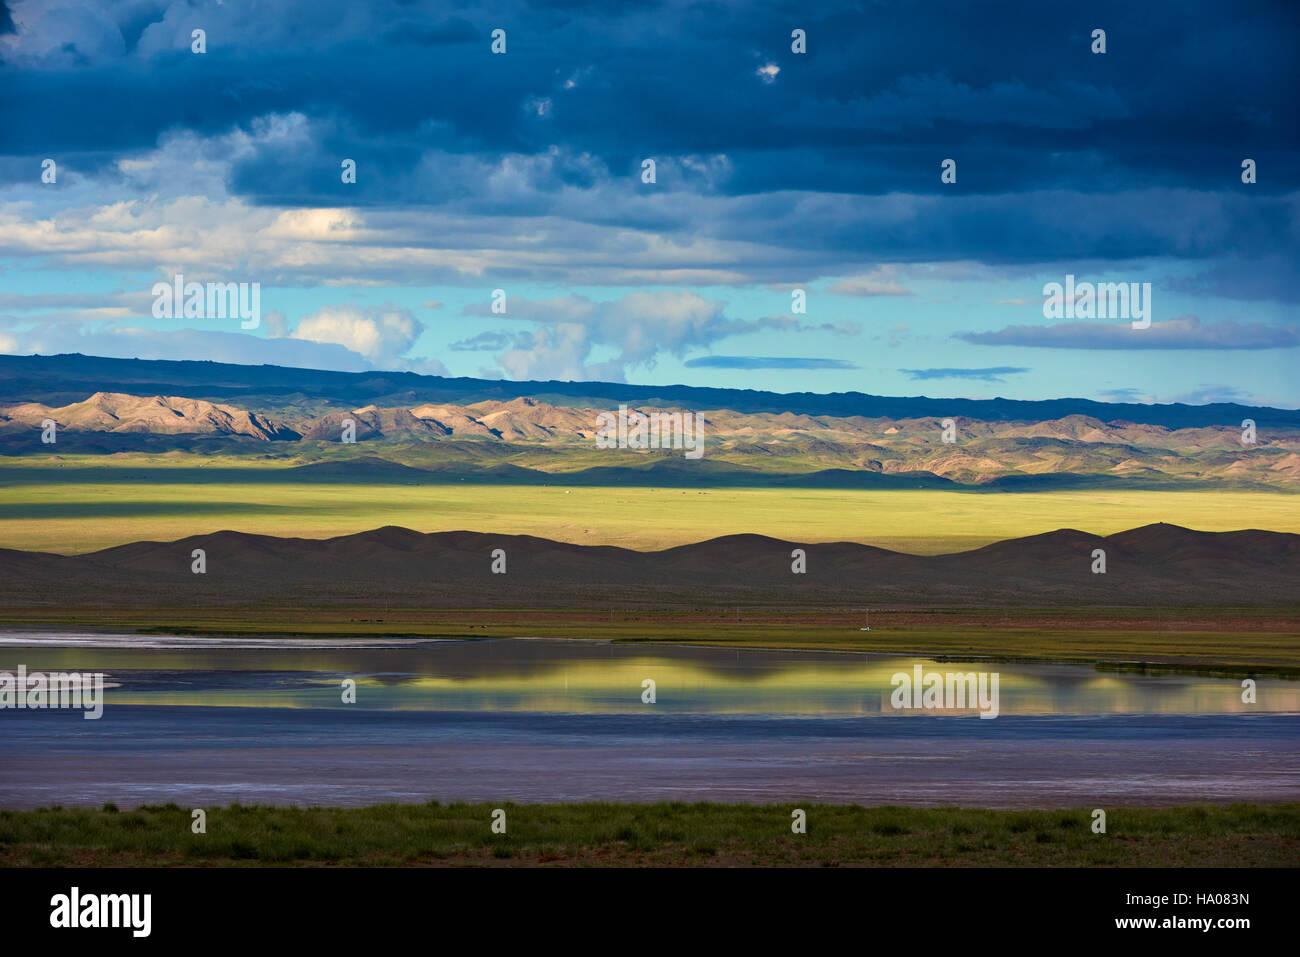 Mongolia, Gobi-Altay provincia, Mongolia occidentale, paesaggio nella steppa Immagini Stock